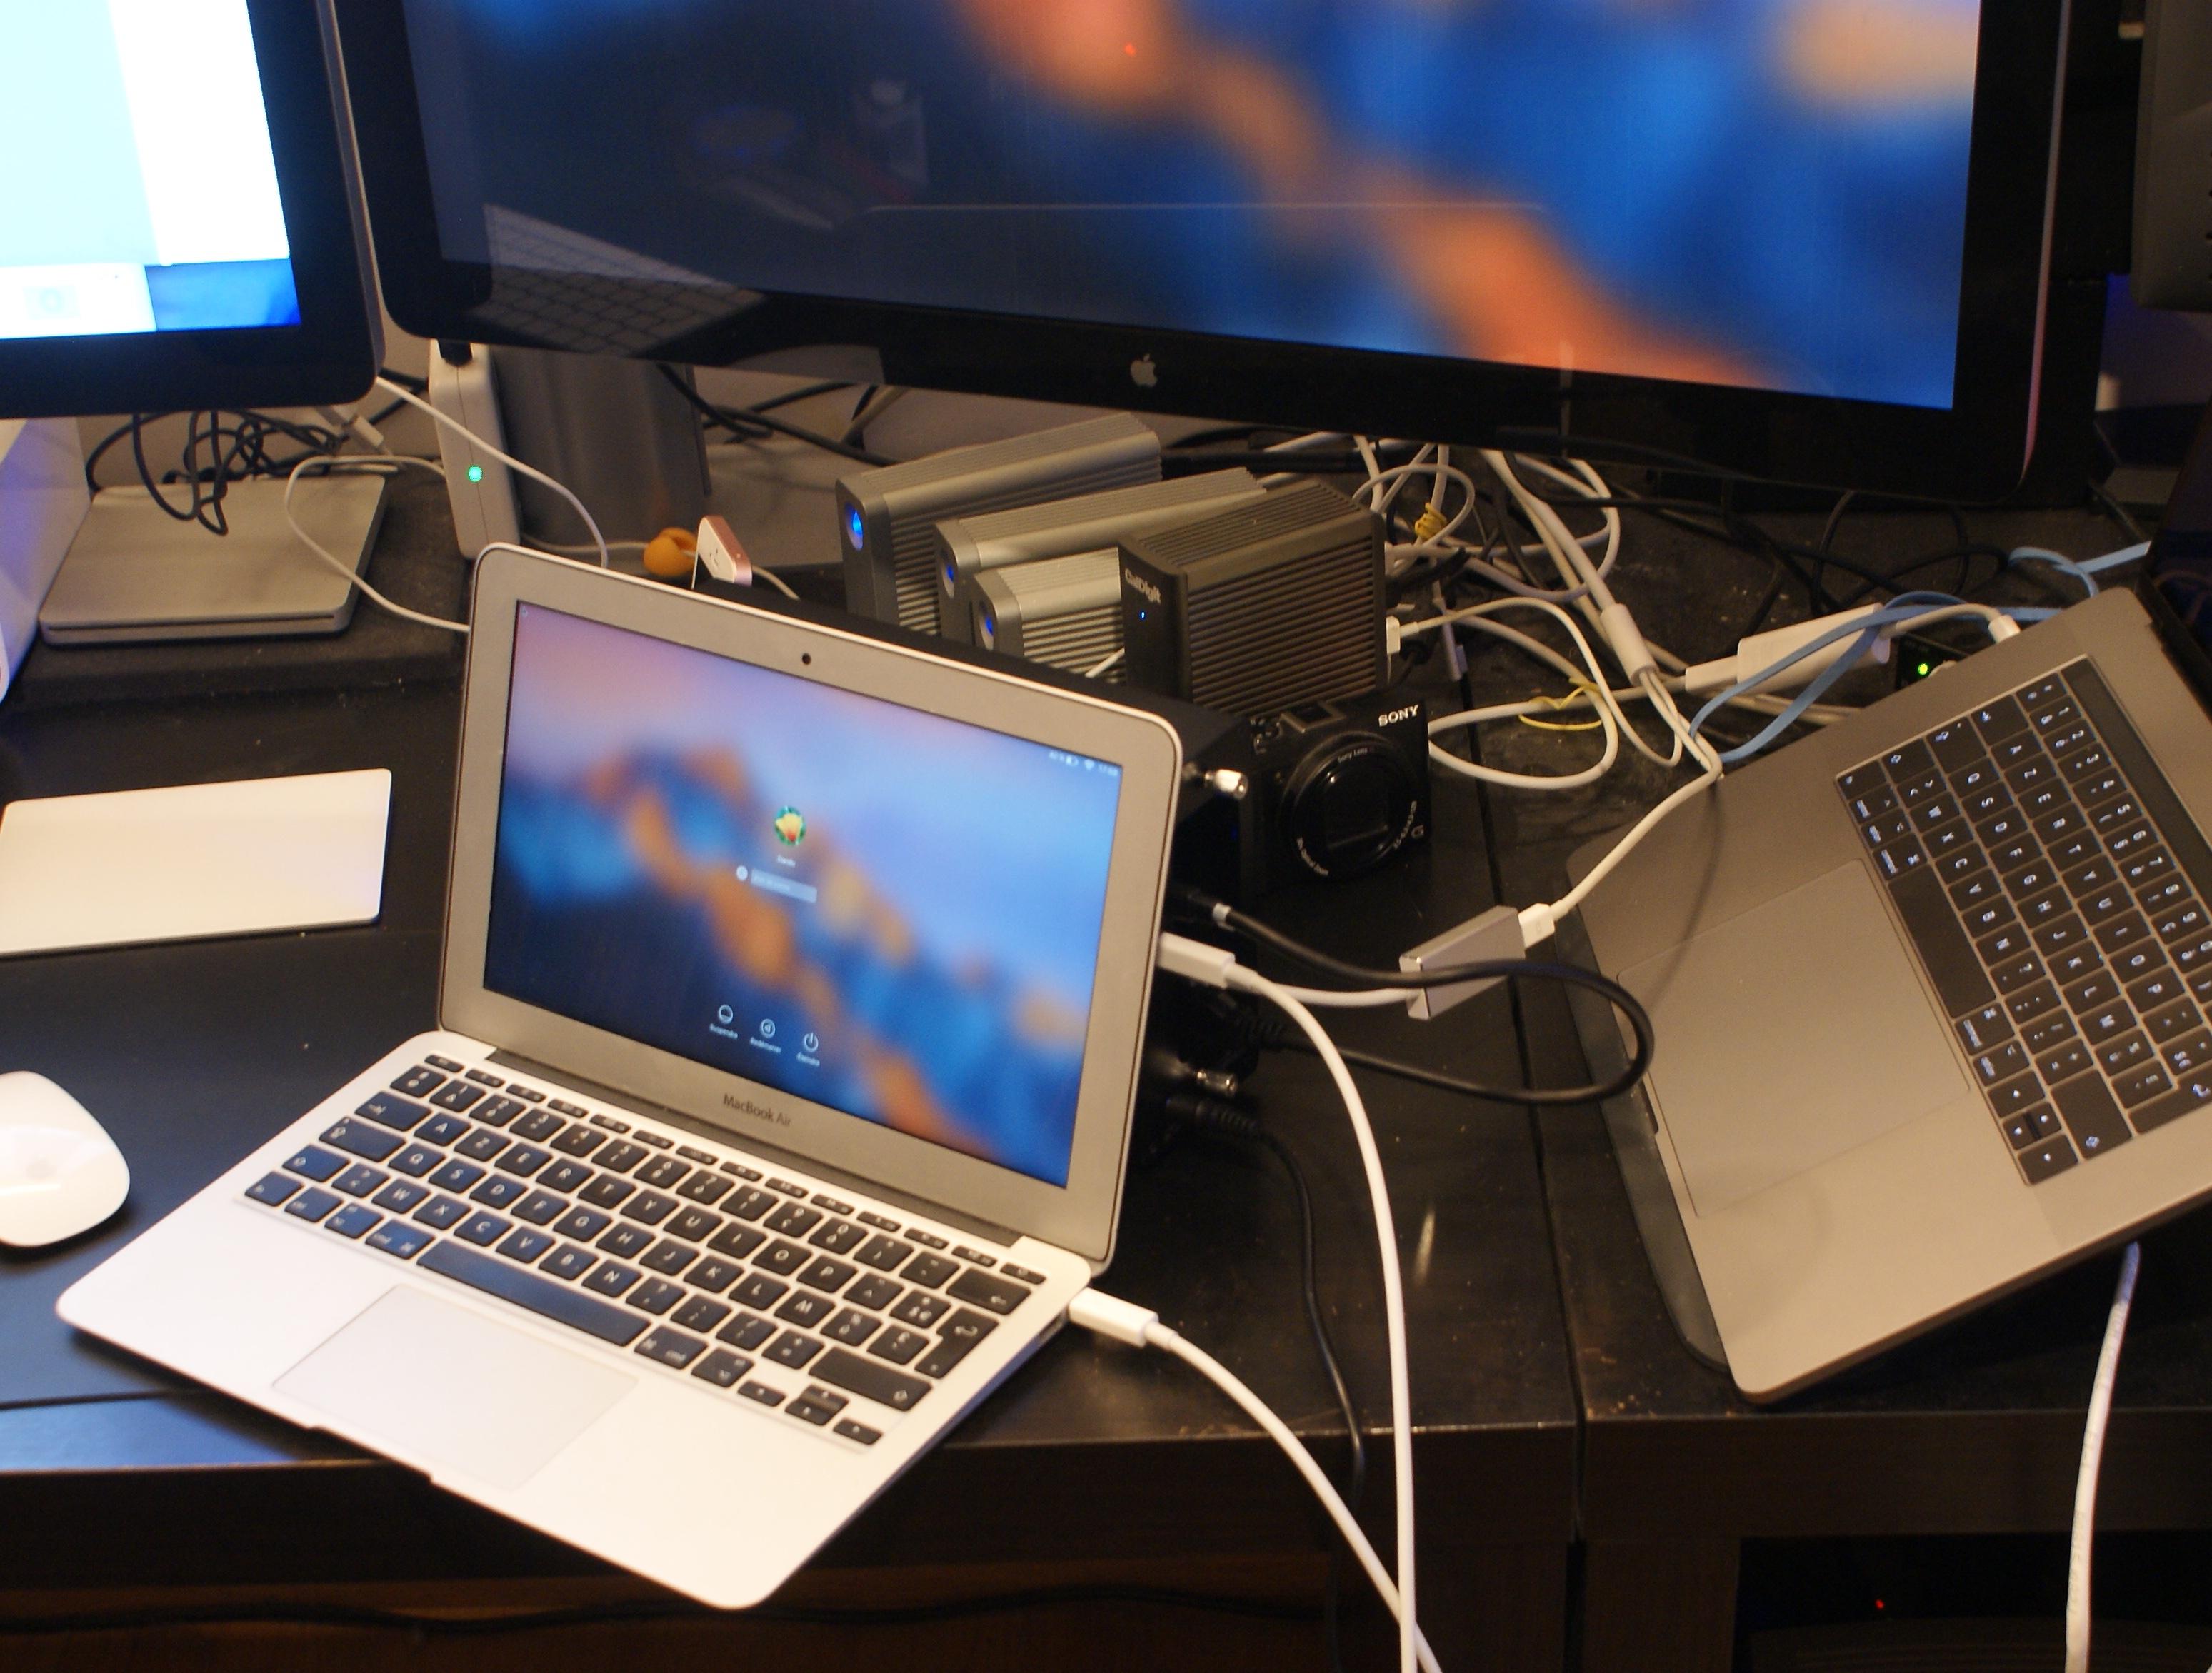 Puis-je brancher deux moniteurs externes à mon MacBook Pro